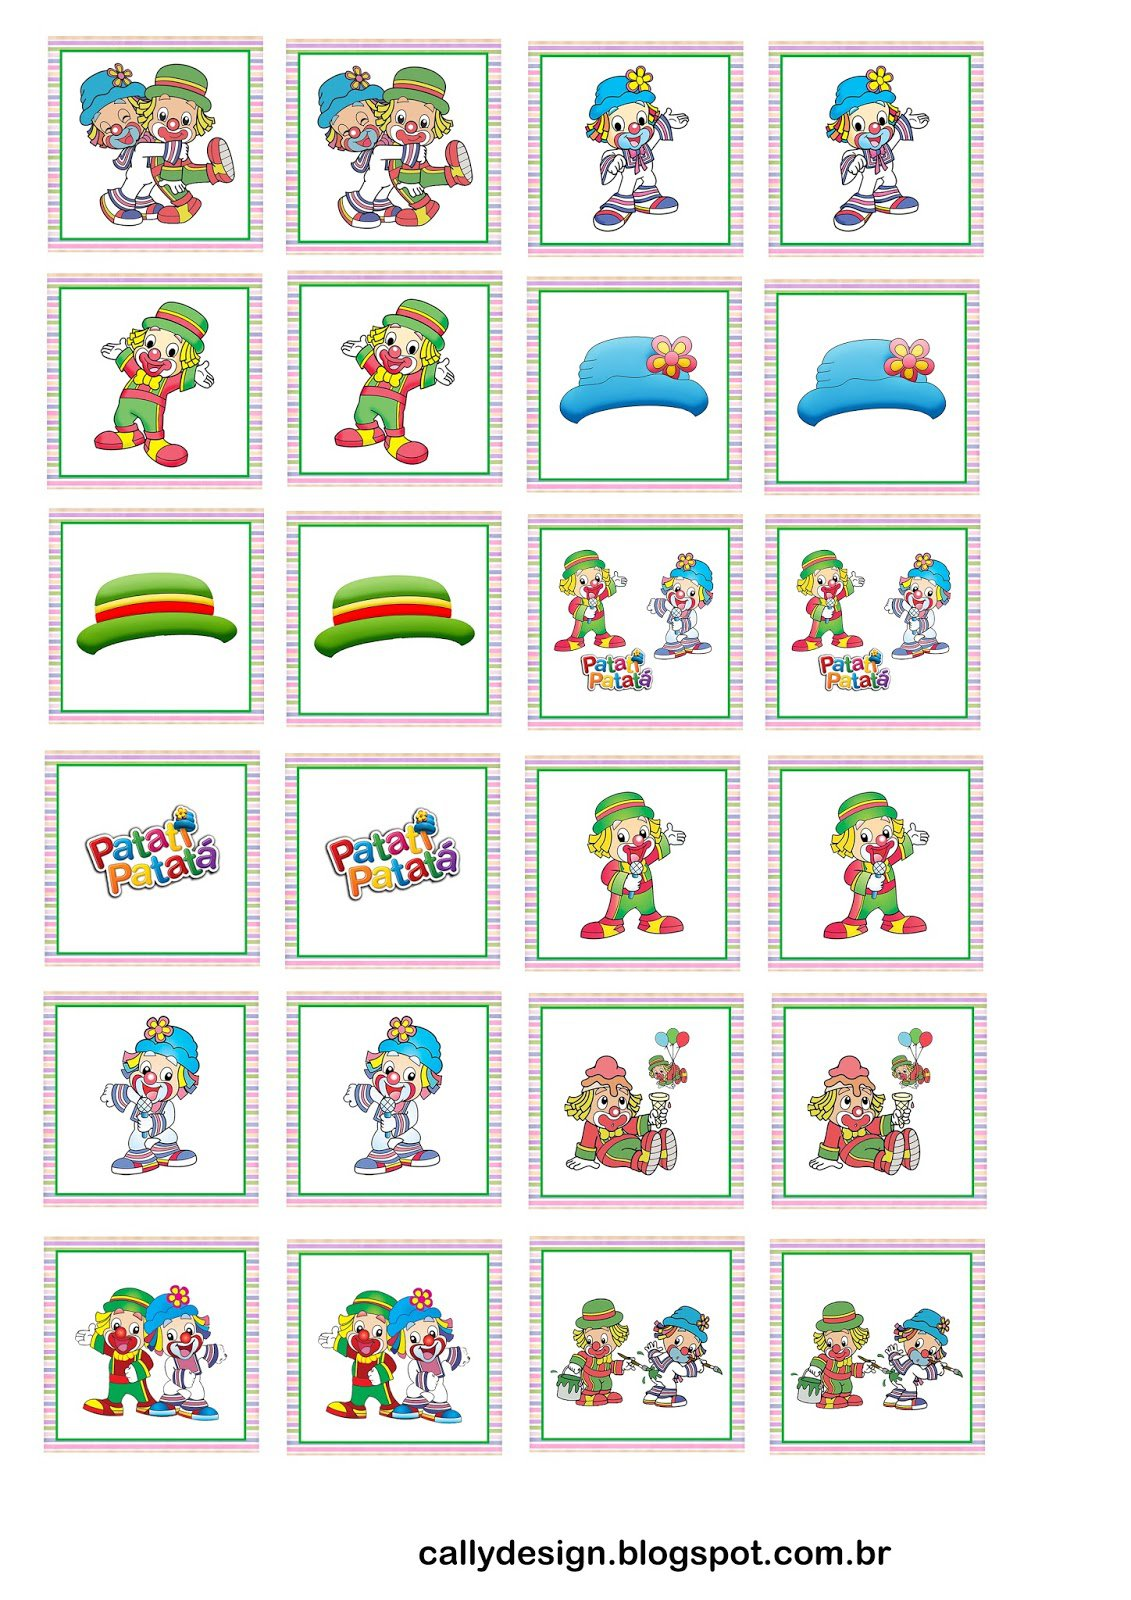 Quebra Cabeça E Jogo Da Memória Personalizados Para Imprimir